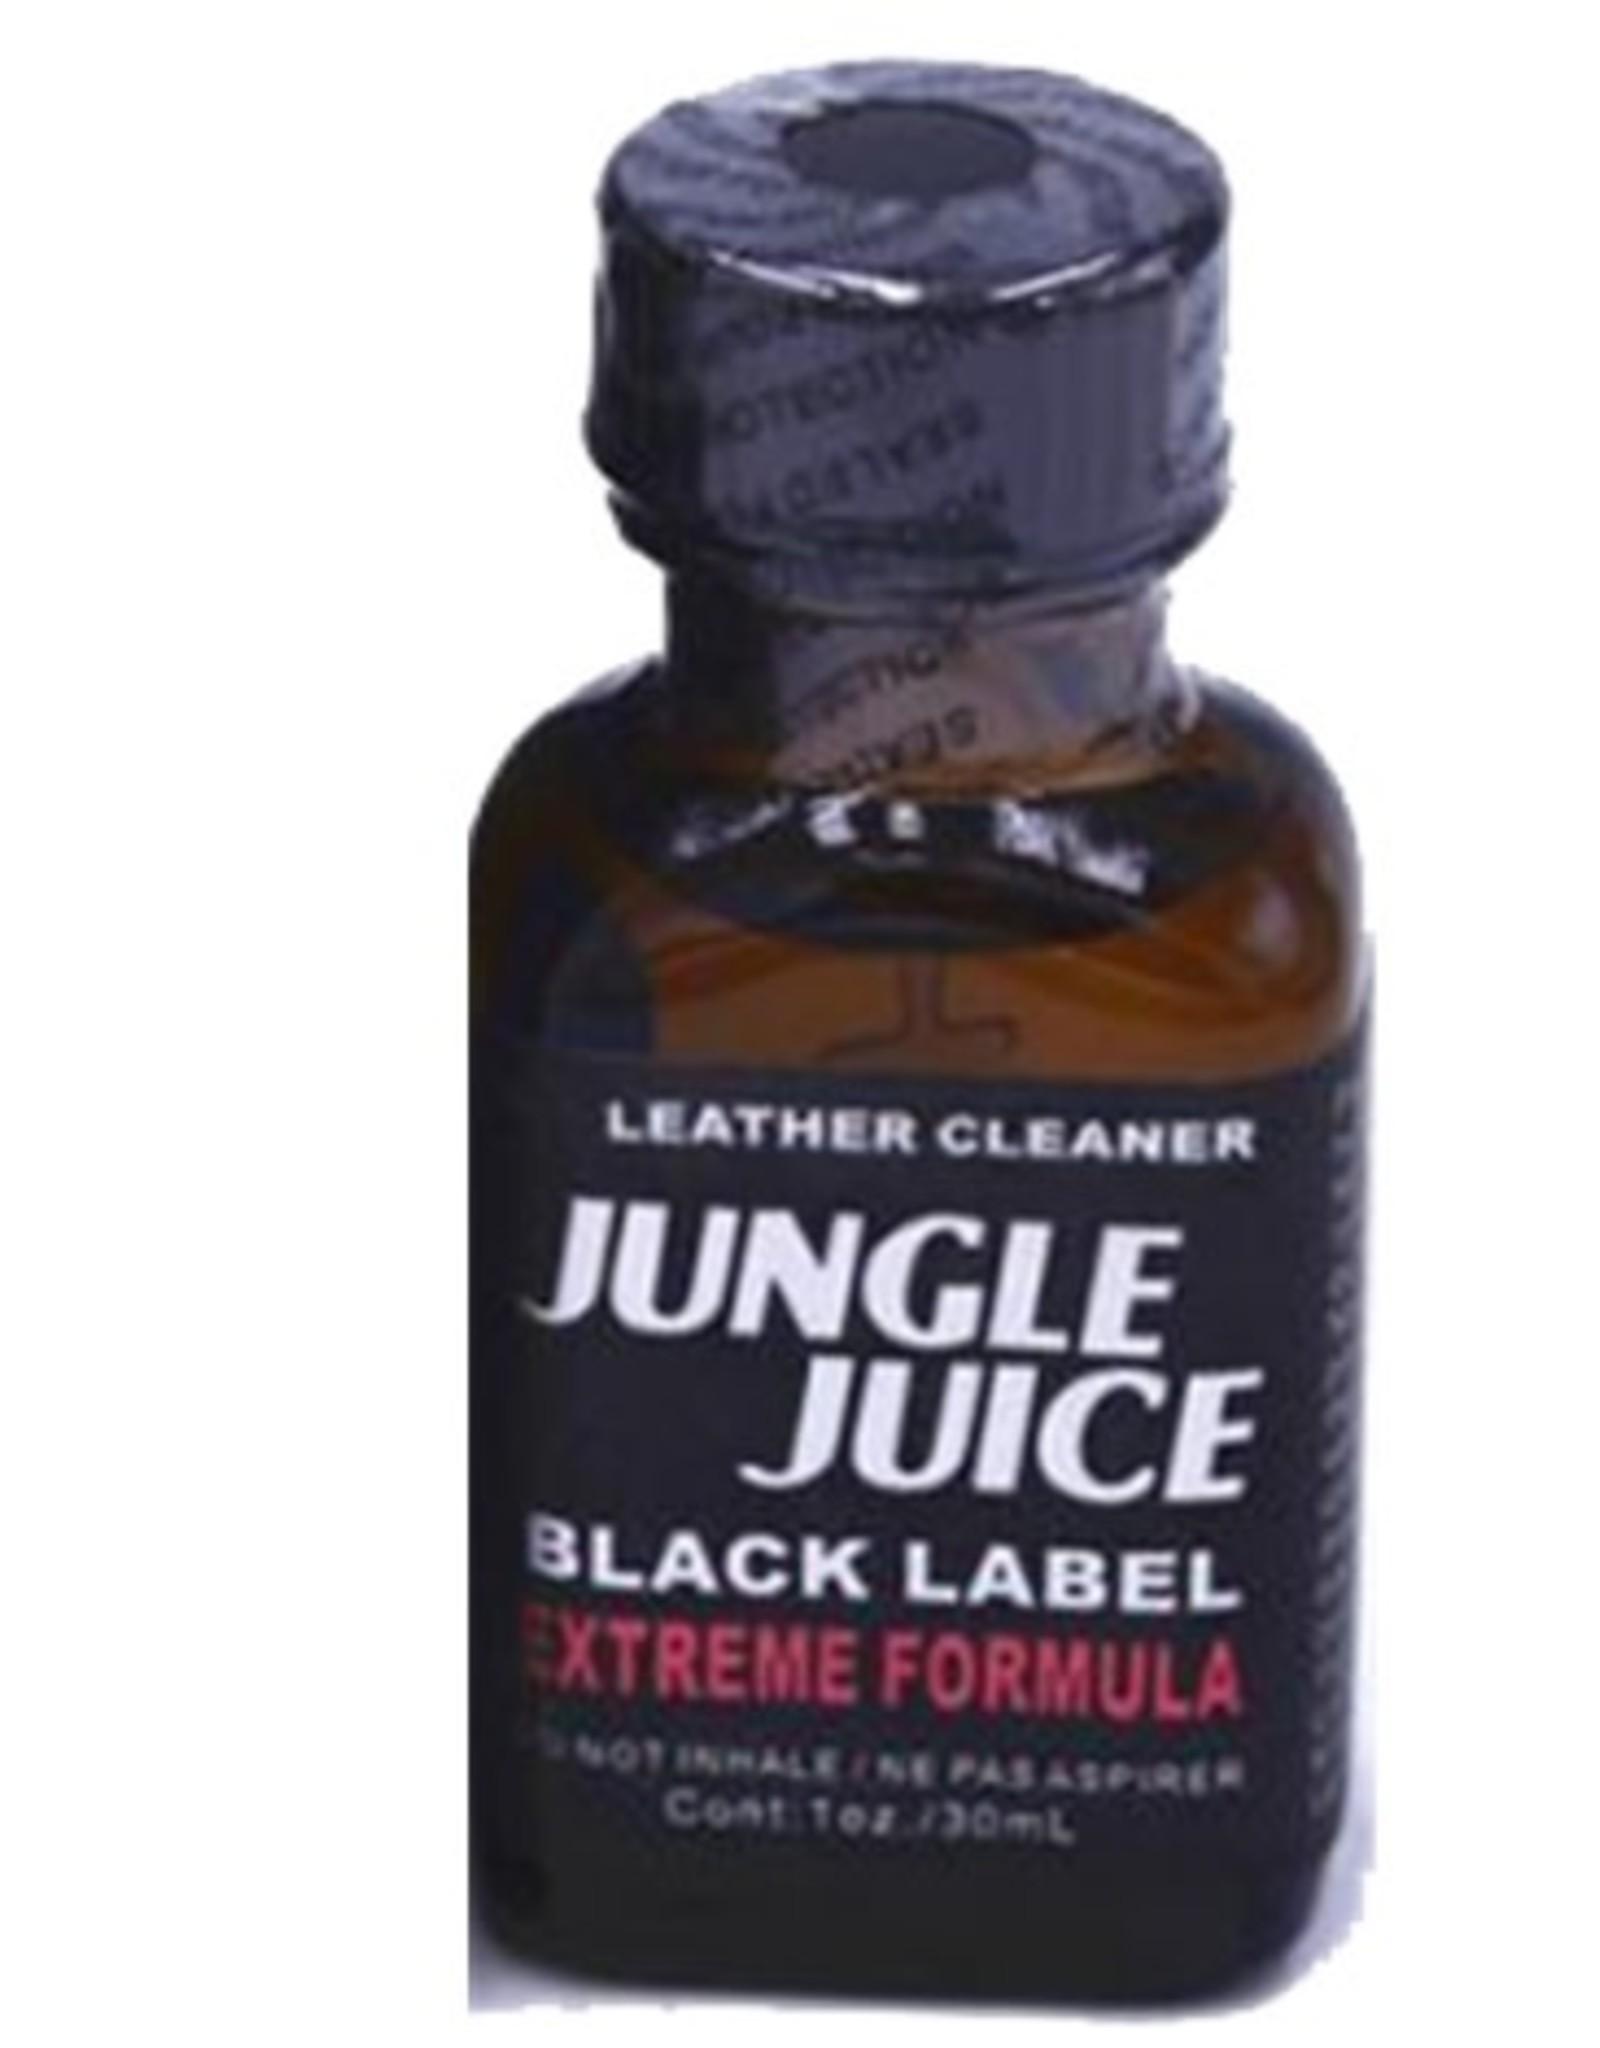 Jungle Juice Black Label 30 ml